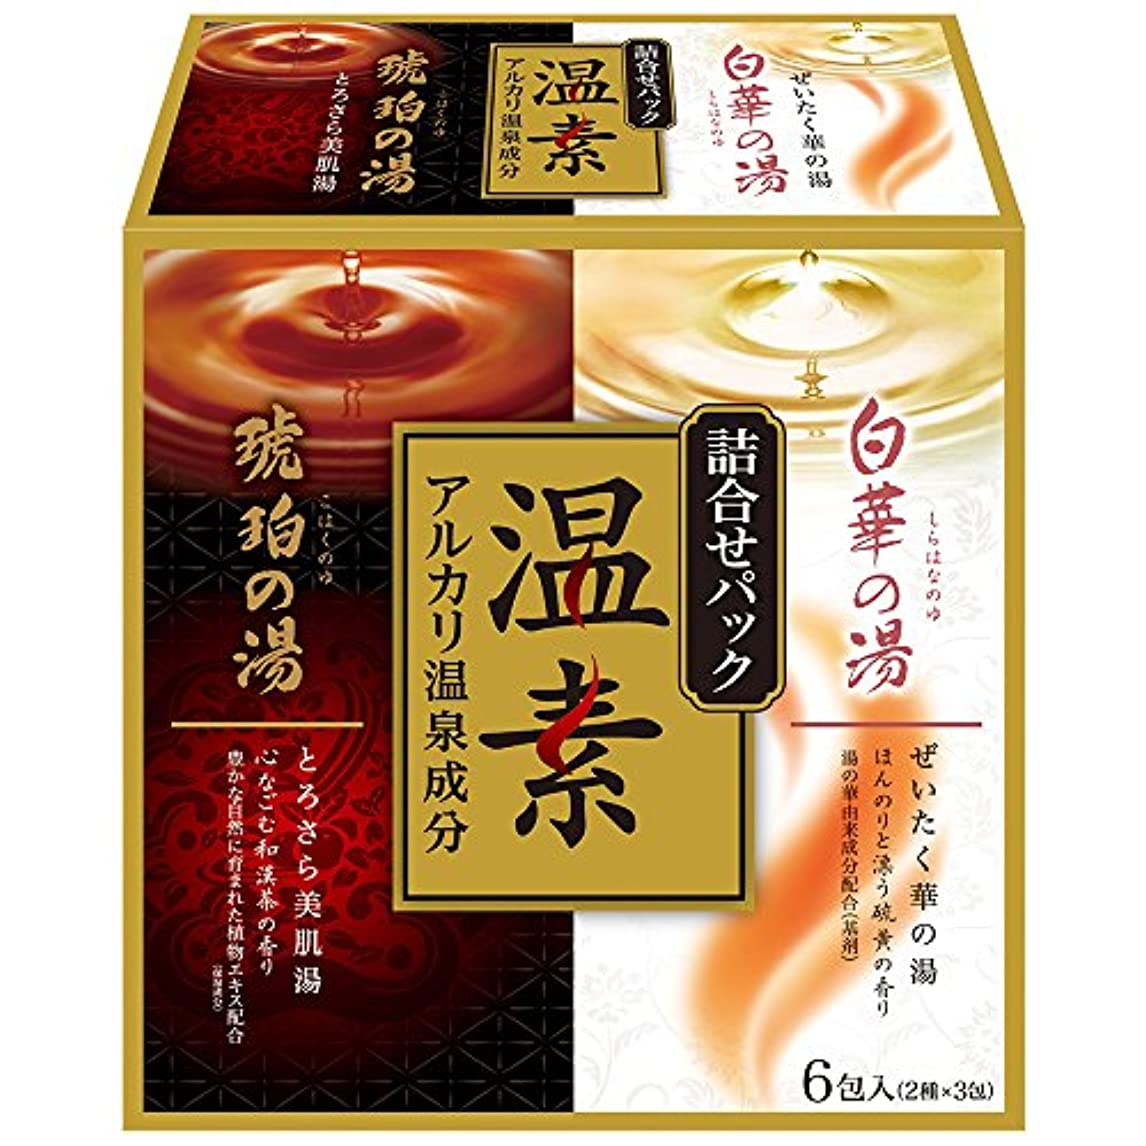 レンズ飾る説教する【医薬部外品】温素 入浴剤 琥珀の湯&白華の湯 詰合せパック 6包入 [各3包]